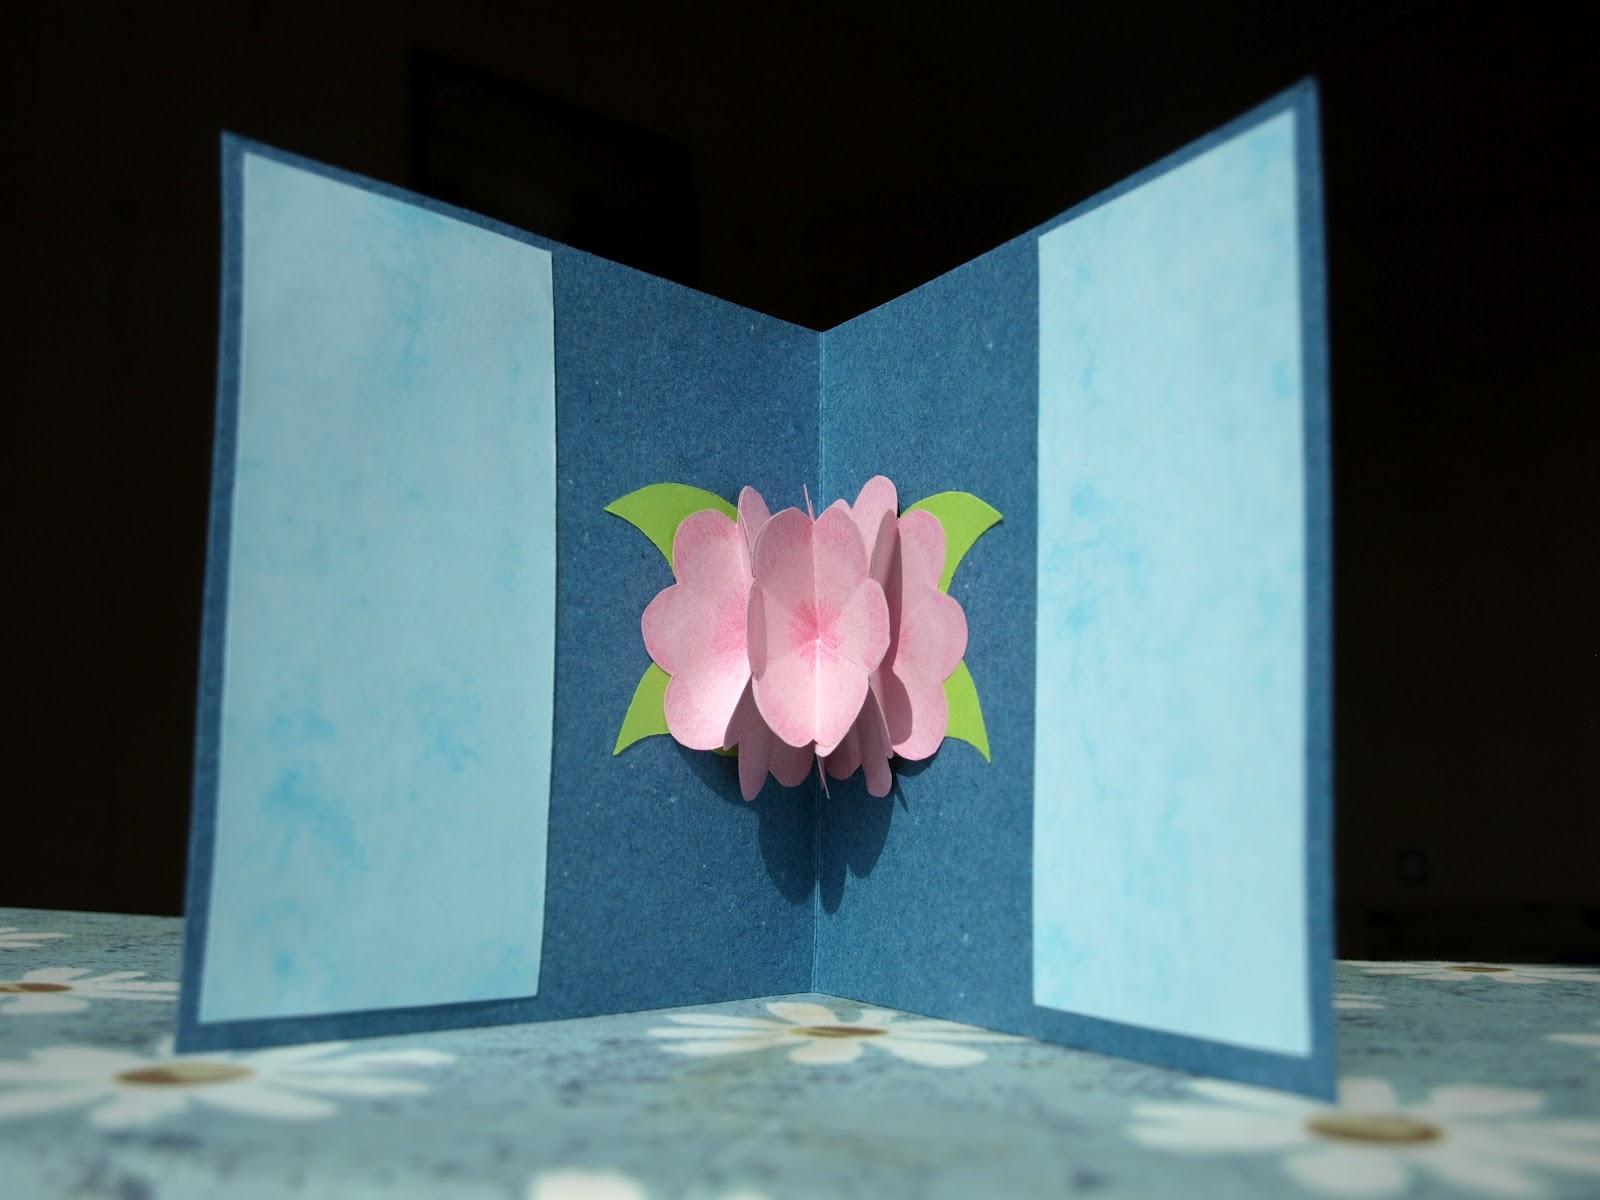 http://3.bp.blogspot.com/-fwlKRXFHyA0/T6vEa8K802I/AAAAAAAAAHU/3xoGSTlYgjE/s1600/P1019860.JPG